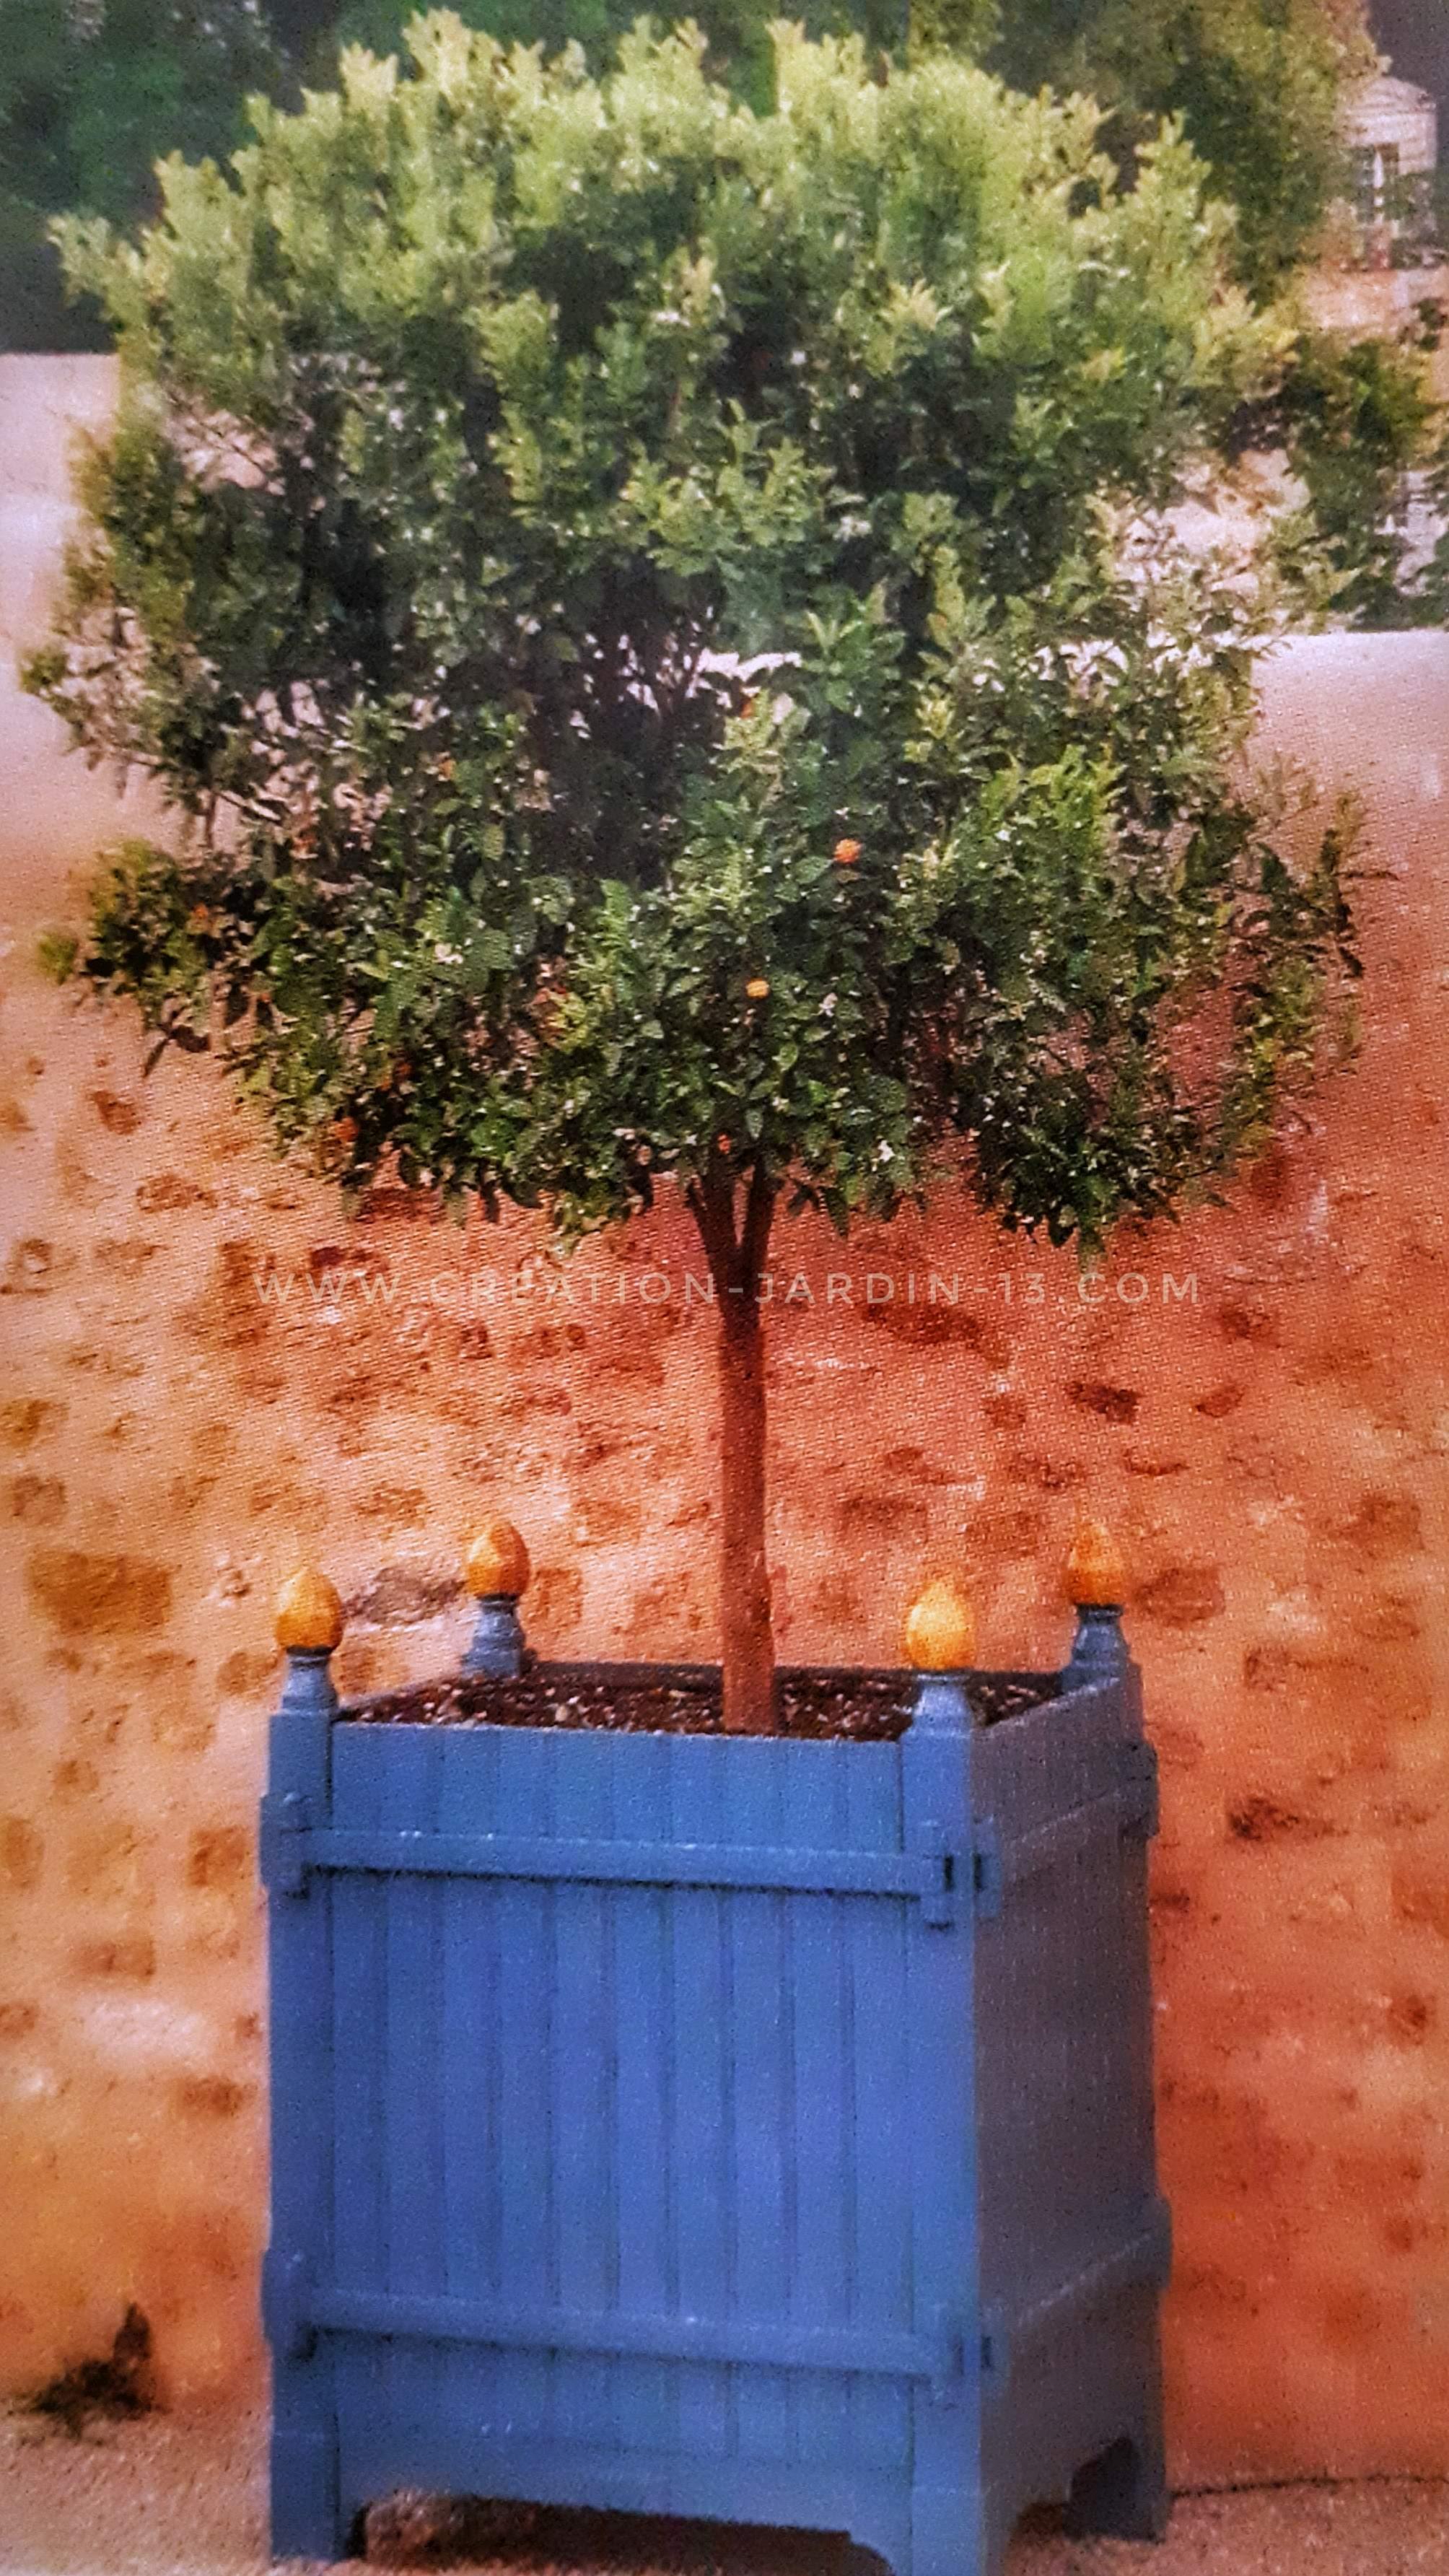 Comment Planter Un Arbre Fruitier comment bien choisir son arbre fruitier ? - blog marseille (13)